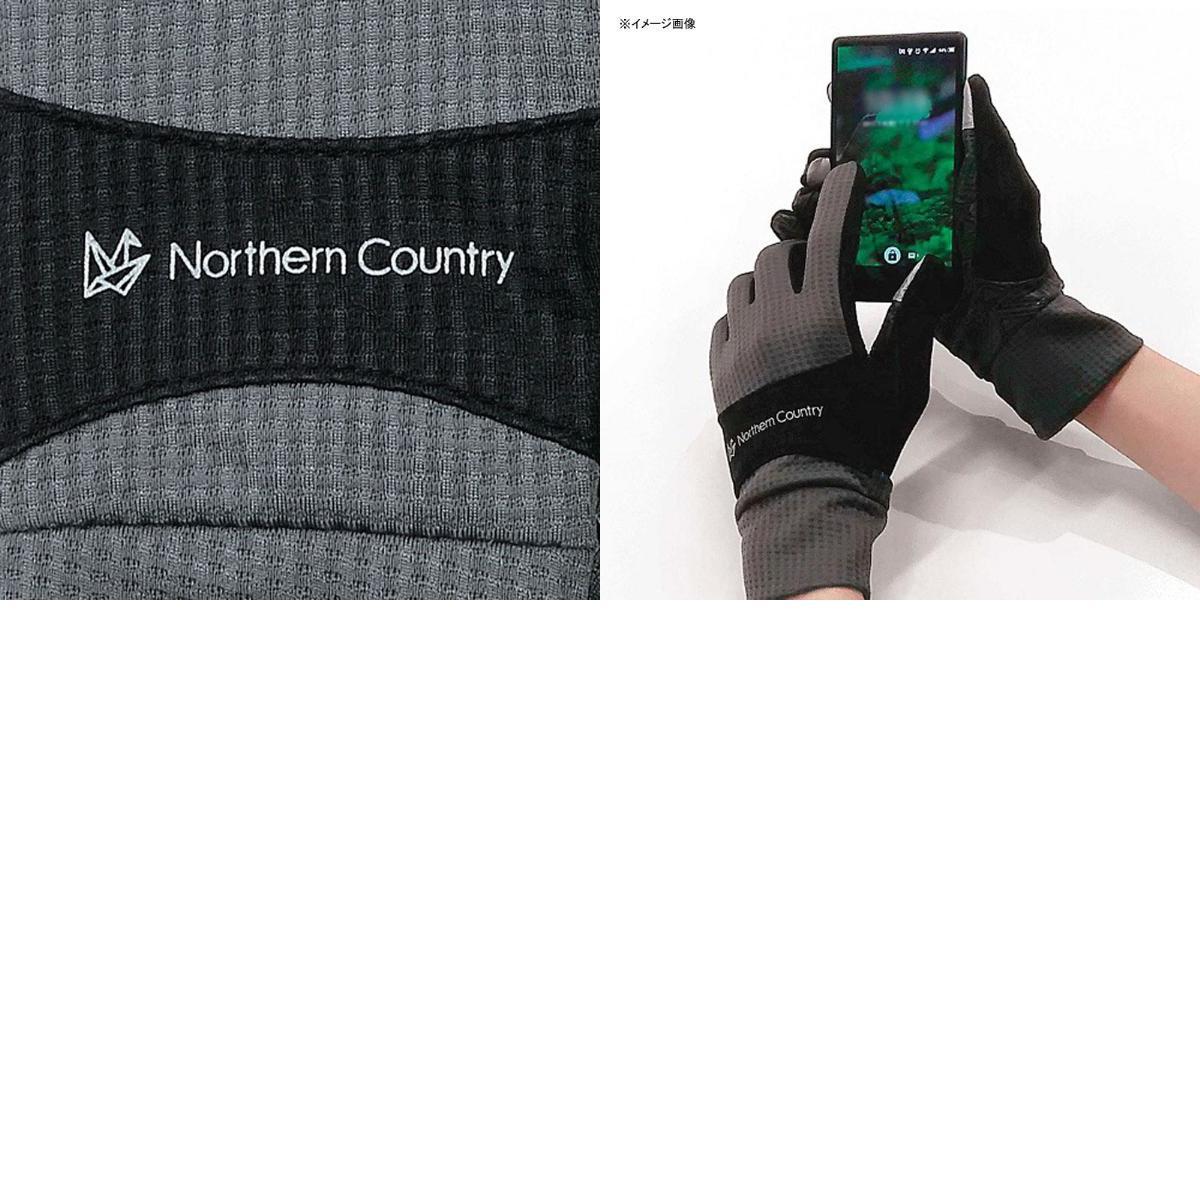 ノーザンカントリー(Northern Country) トレッキング グローブ XS CH TR-4001